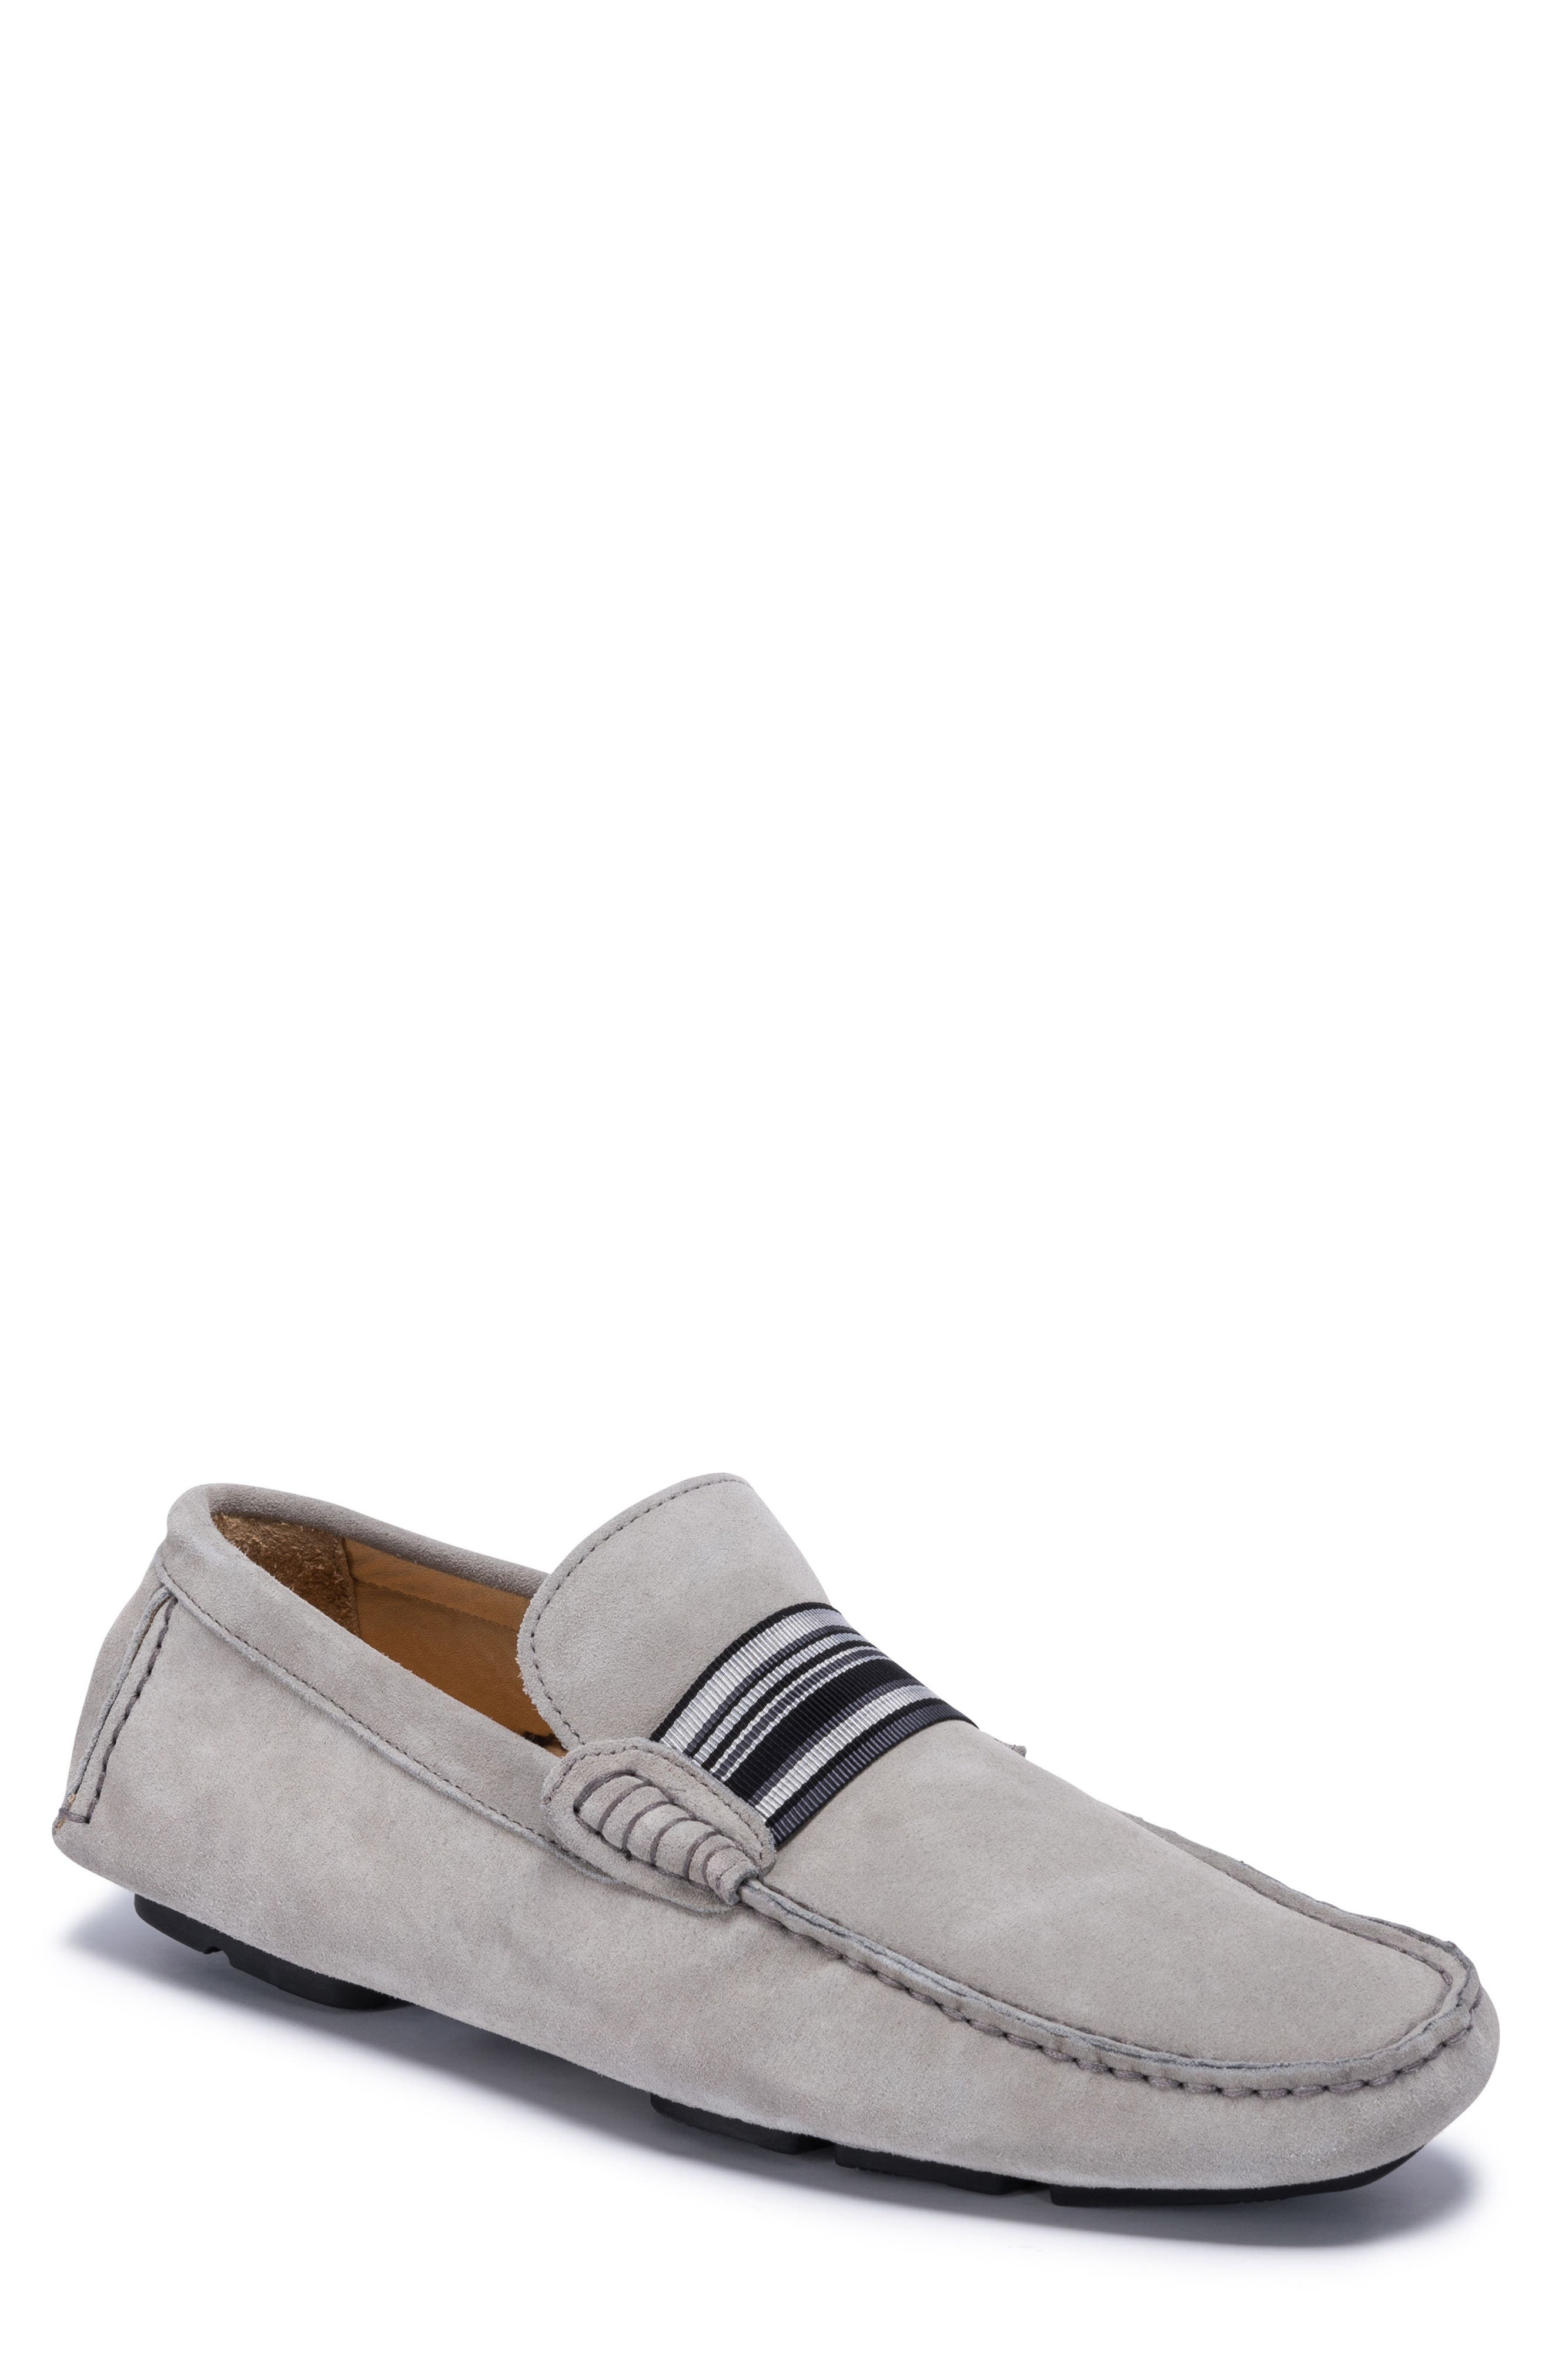 St. Tropez Driving Shoe,                         Main,                         color, Grey Suede